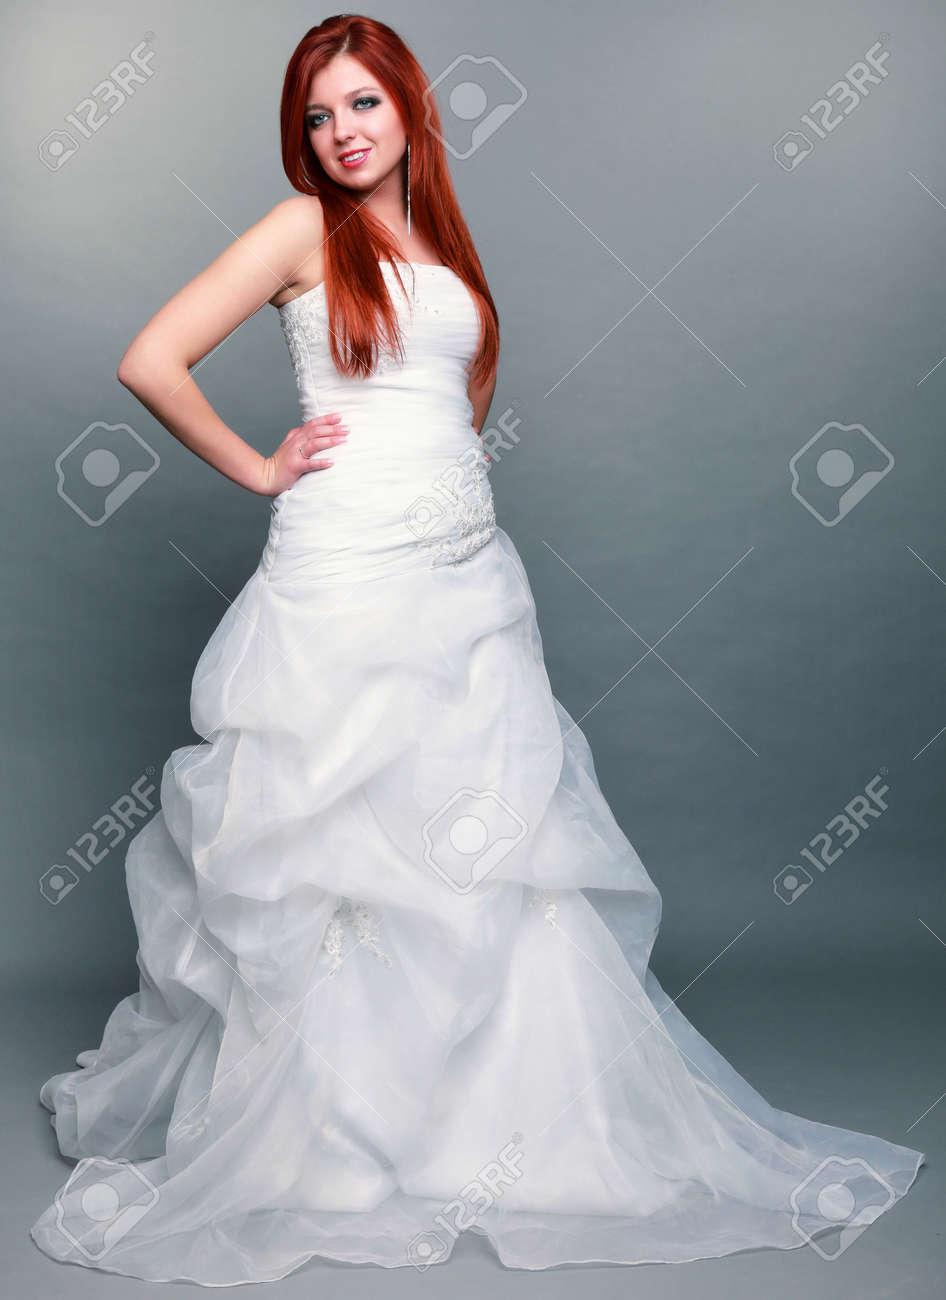 Jour De Mariage Portrait Heureux Beau Bleu Yeux Roux Mariee Longue Robe Blanche En Pleine Prise En Studio De Longueur Sur Fond Gris